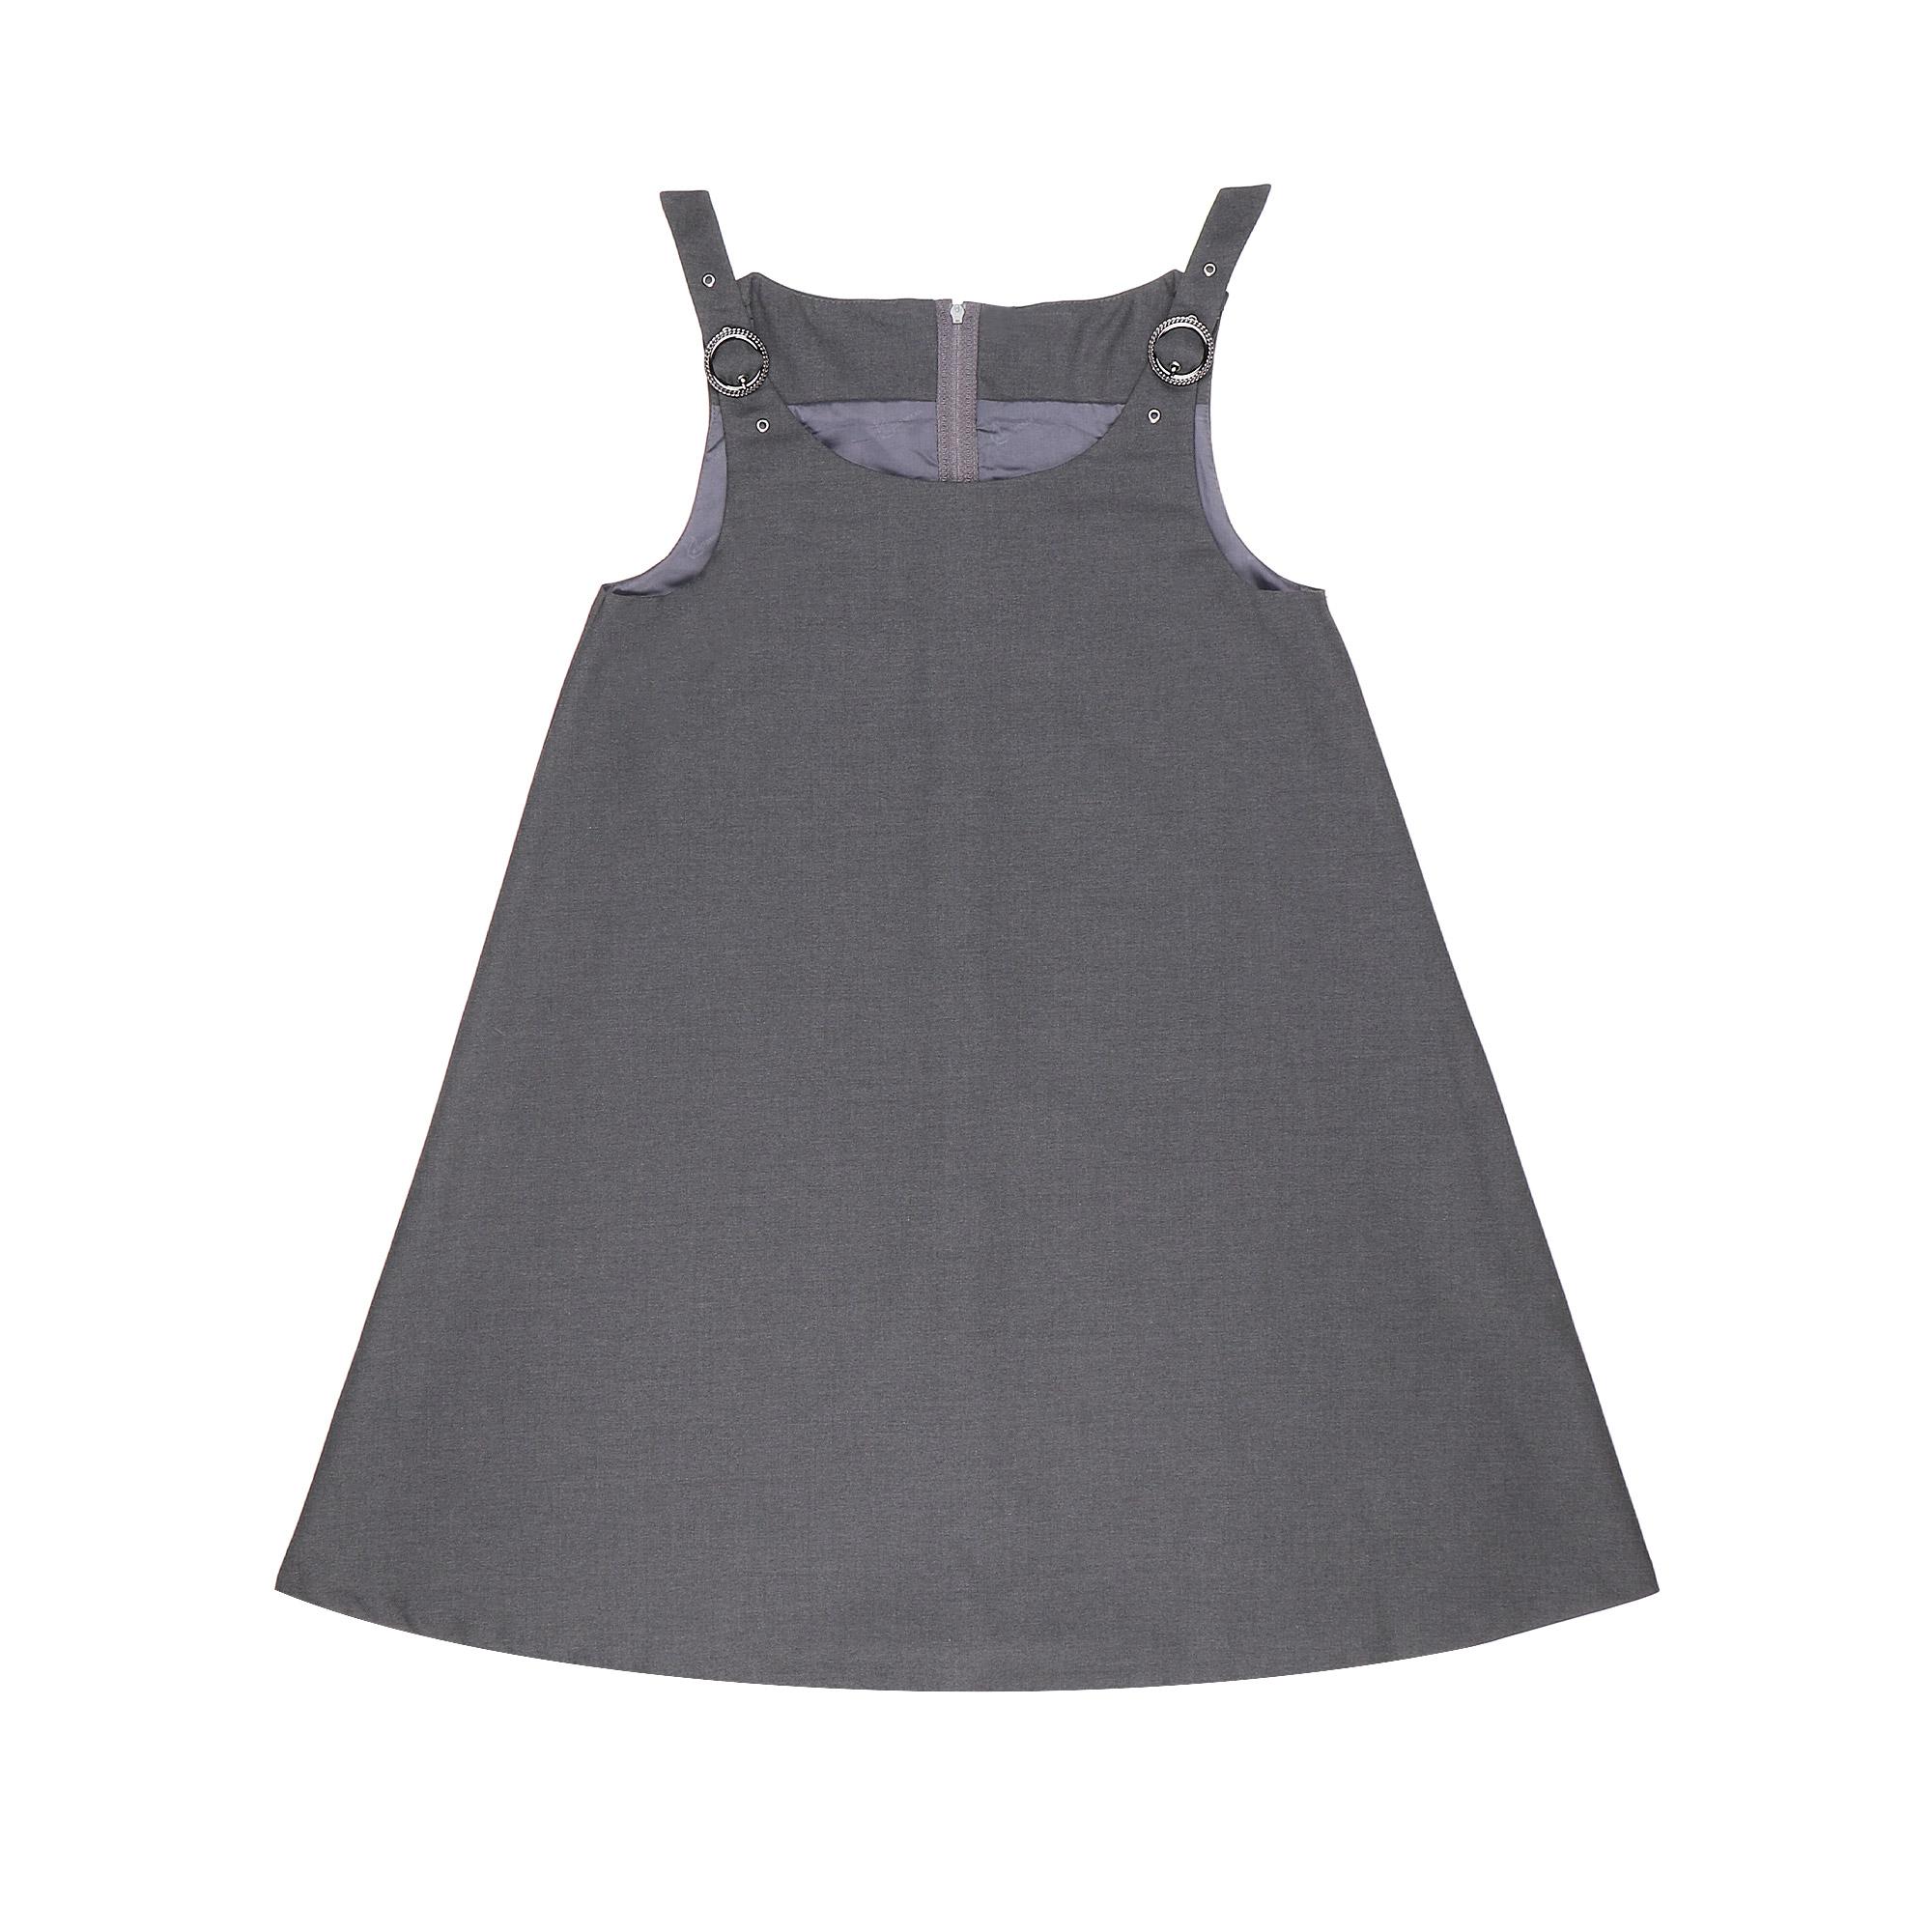 Купить Сарафан школьный КАРАМЕЛЛИ О74177 серый 134, Серый, Для девочек, Всесезонный,